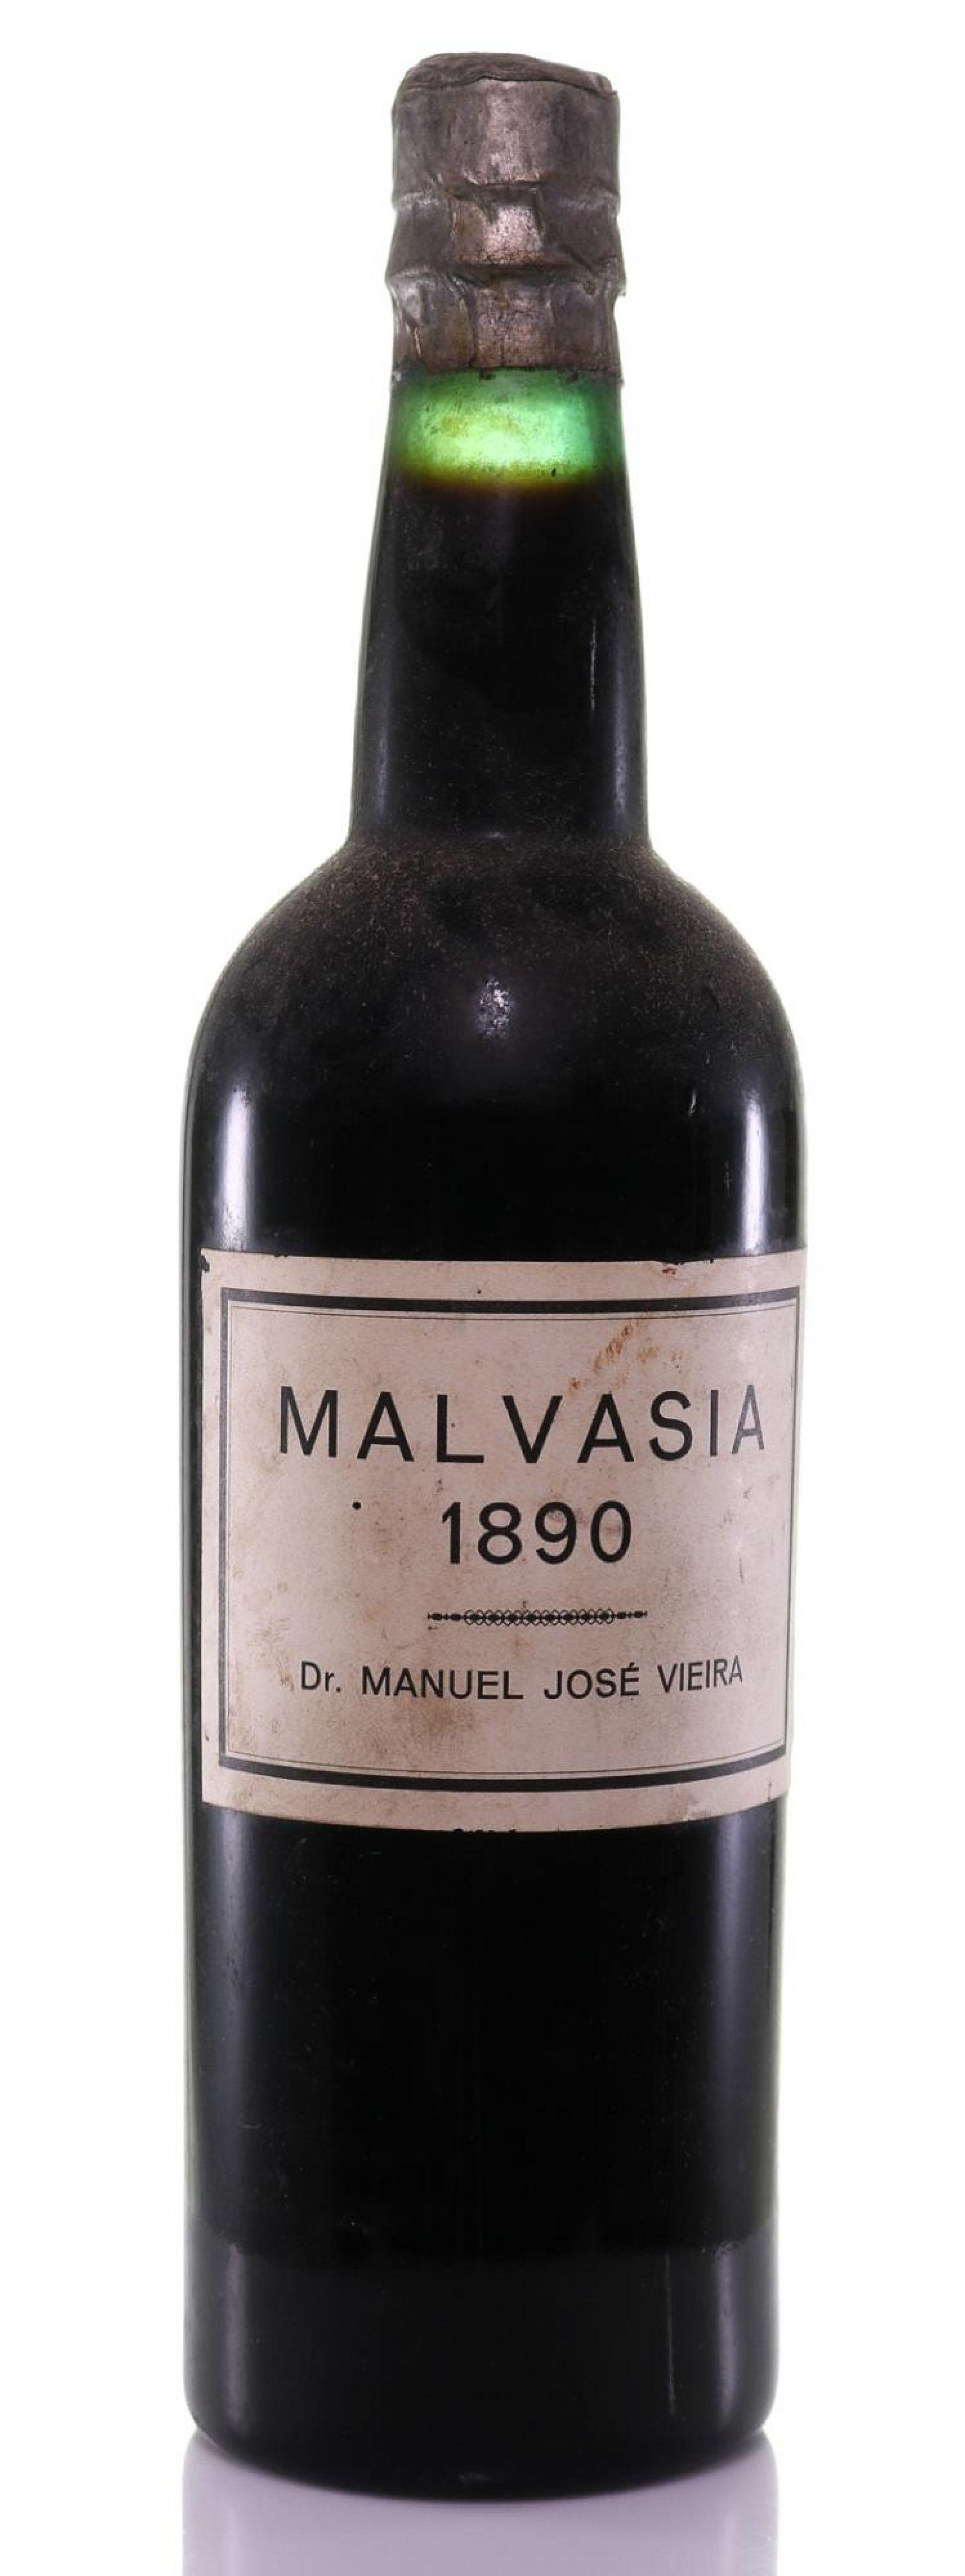 Madeira 1890 Vieira, Dr. Manuel José